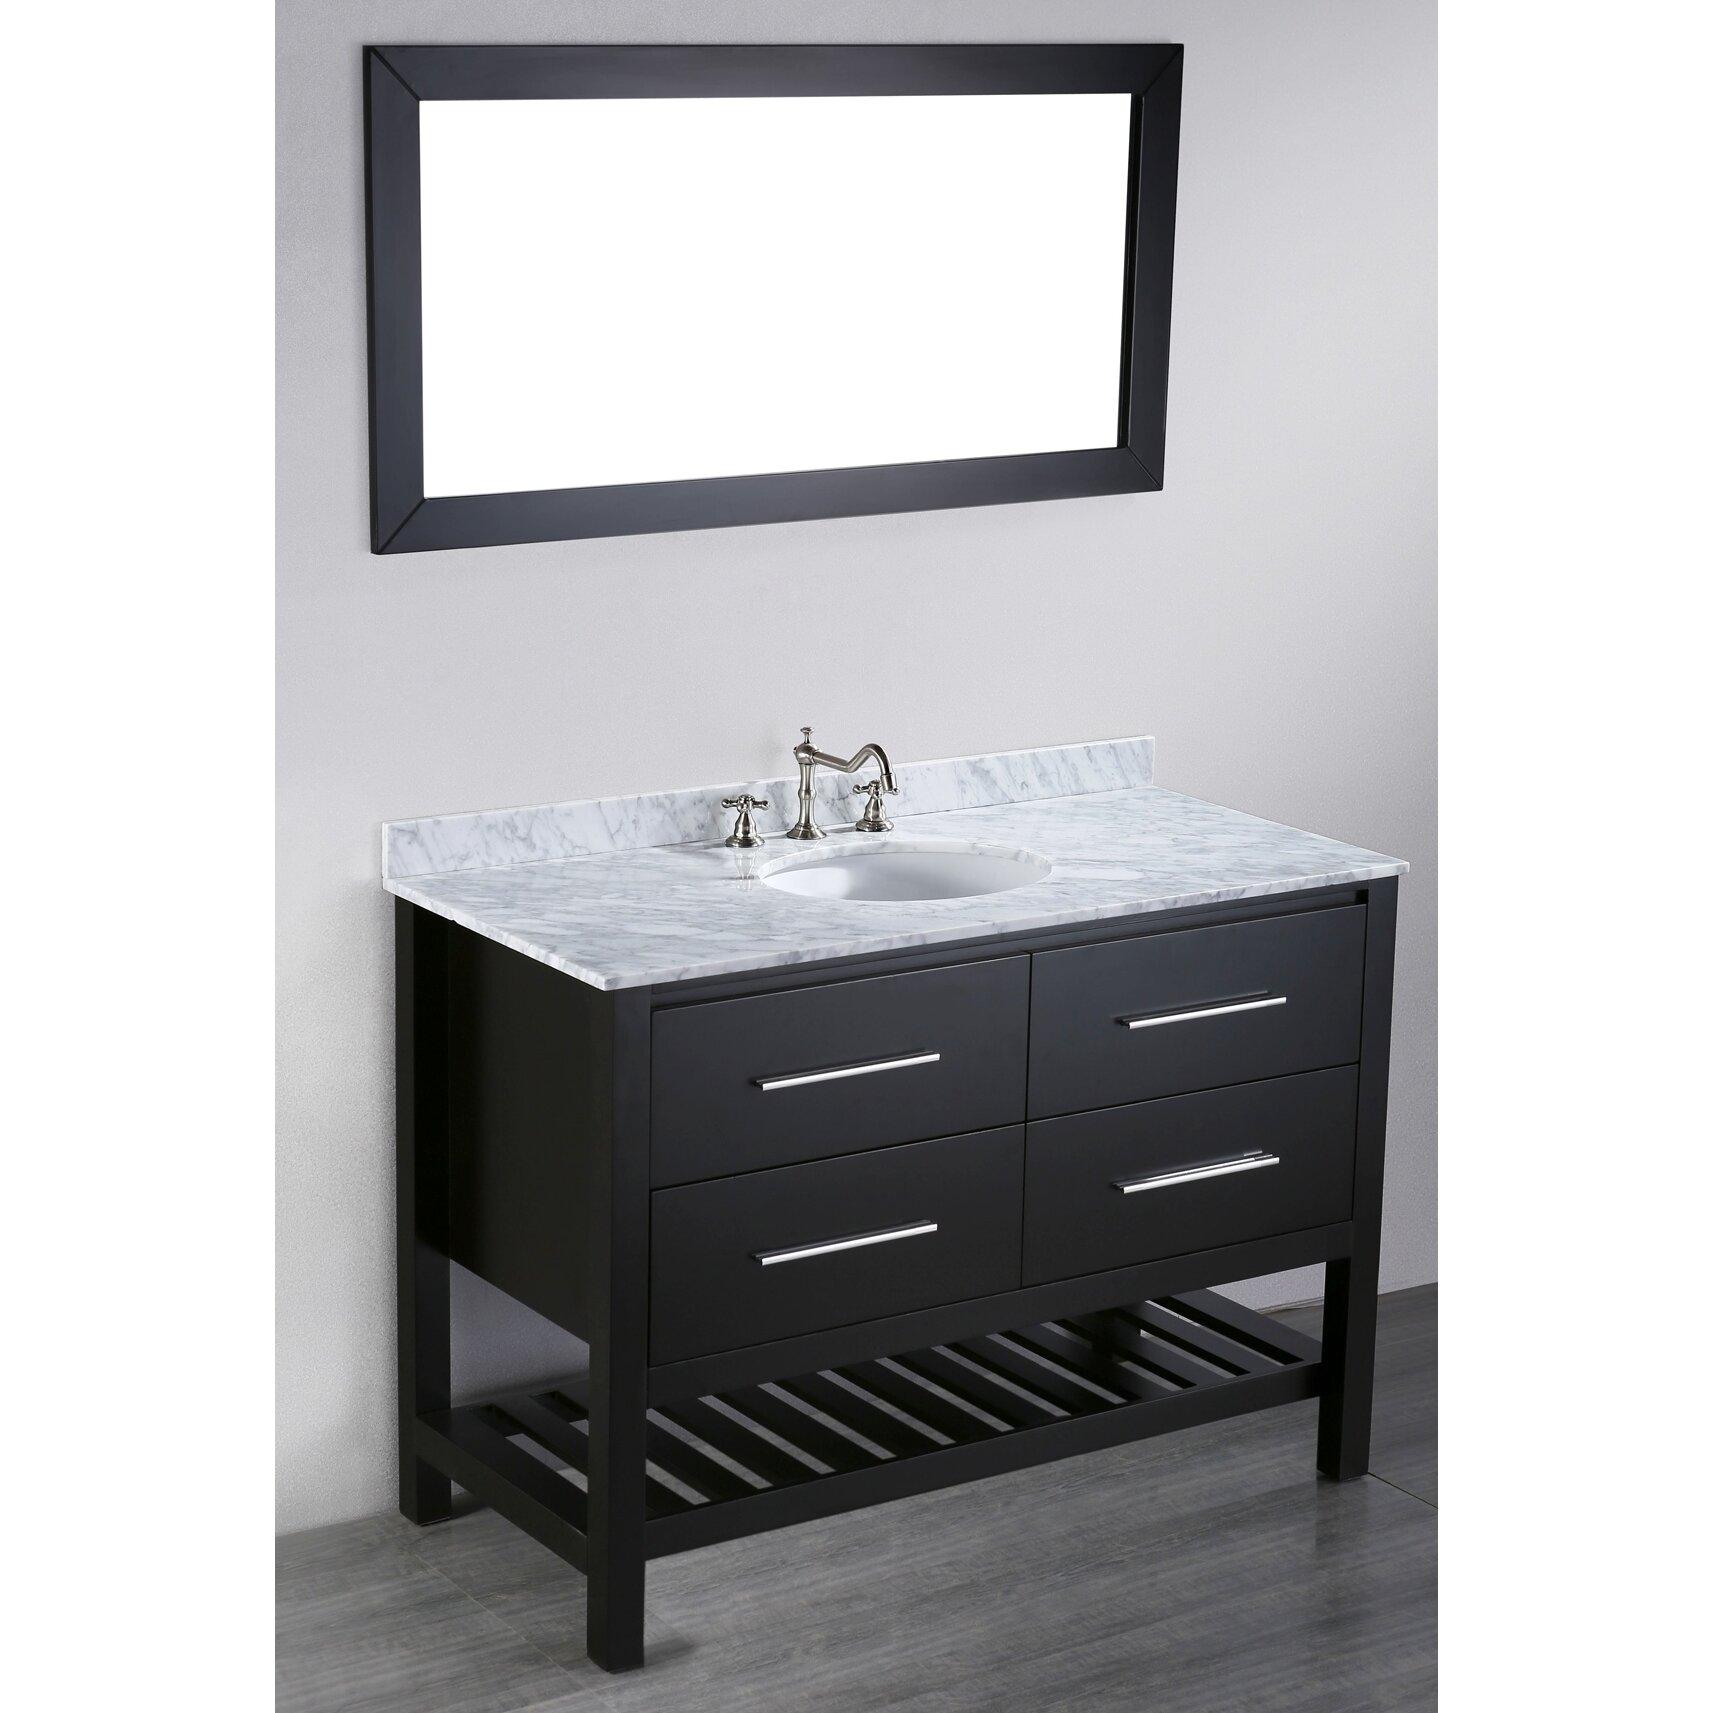 Bosconi Contemporary 47 Single Bathroom Vanity Set With Mirror Reviews Wayfair